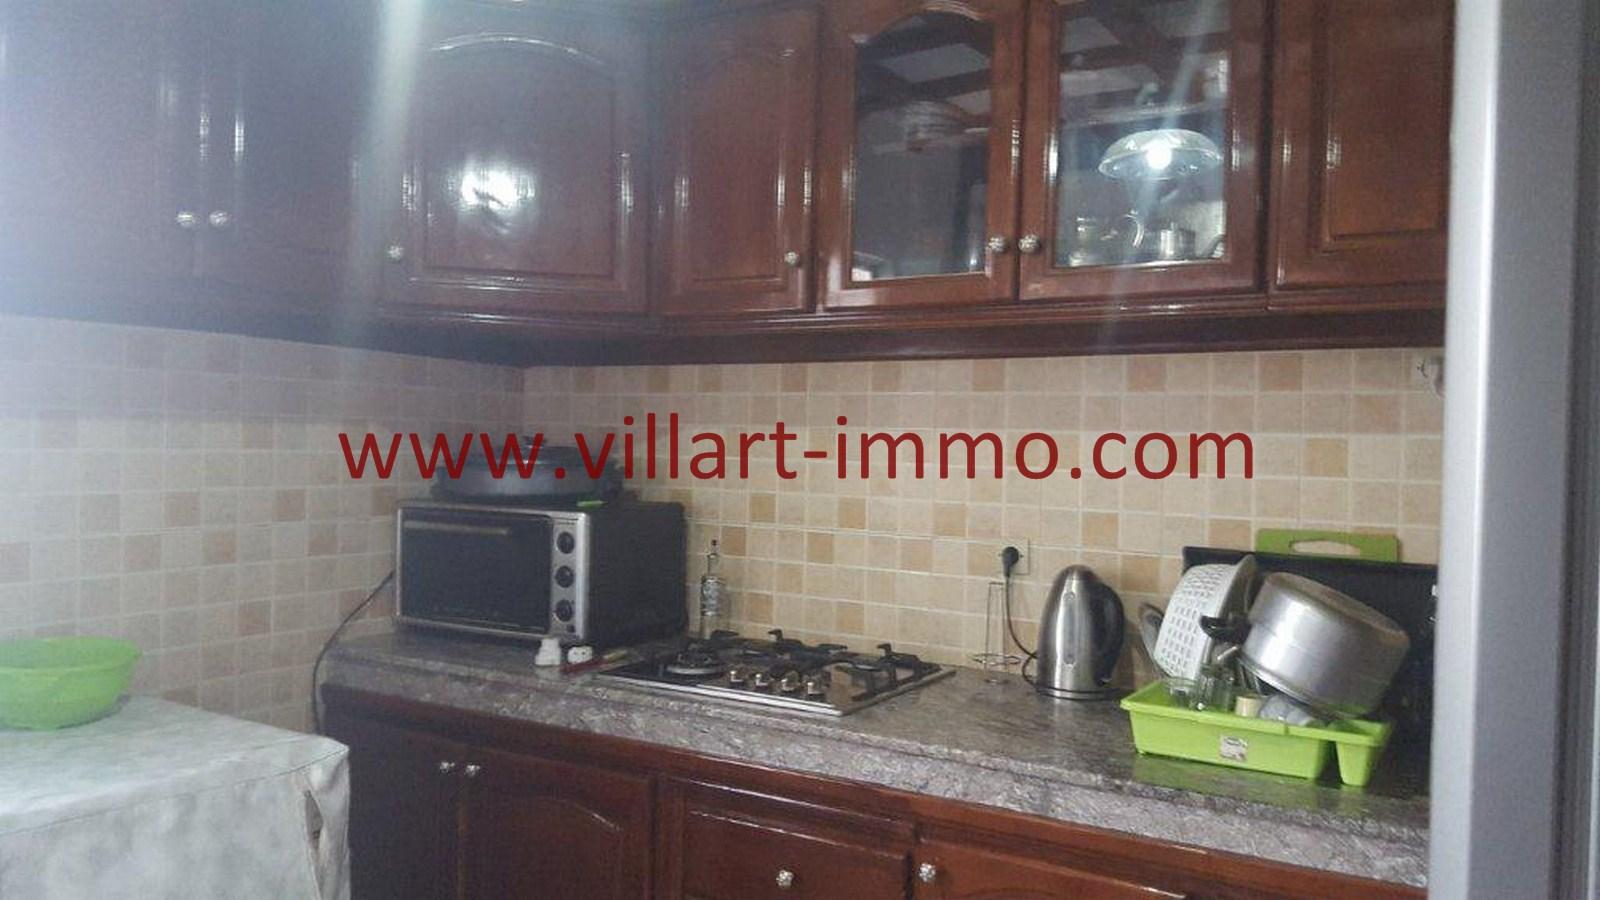 5-Vente-Appartement-Tanger-Val fleuri -Cuisine-VA484-Villart Immo